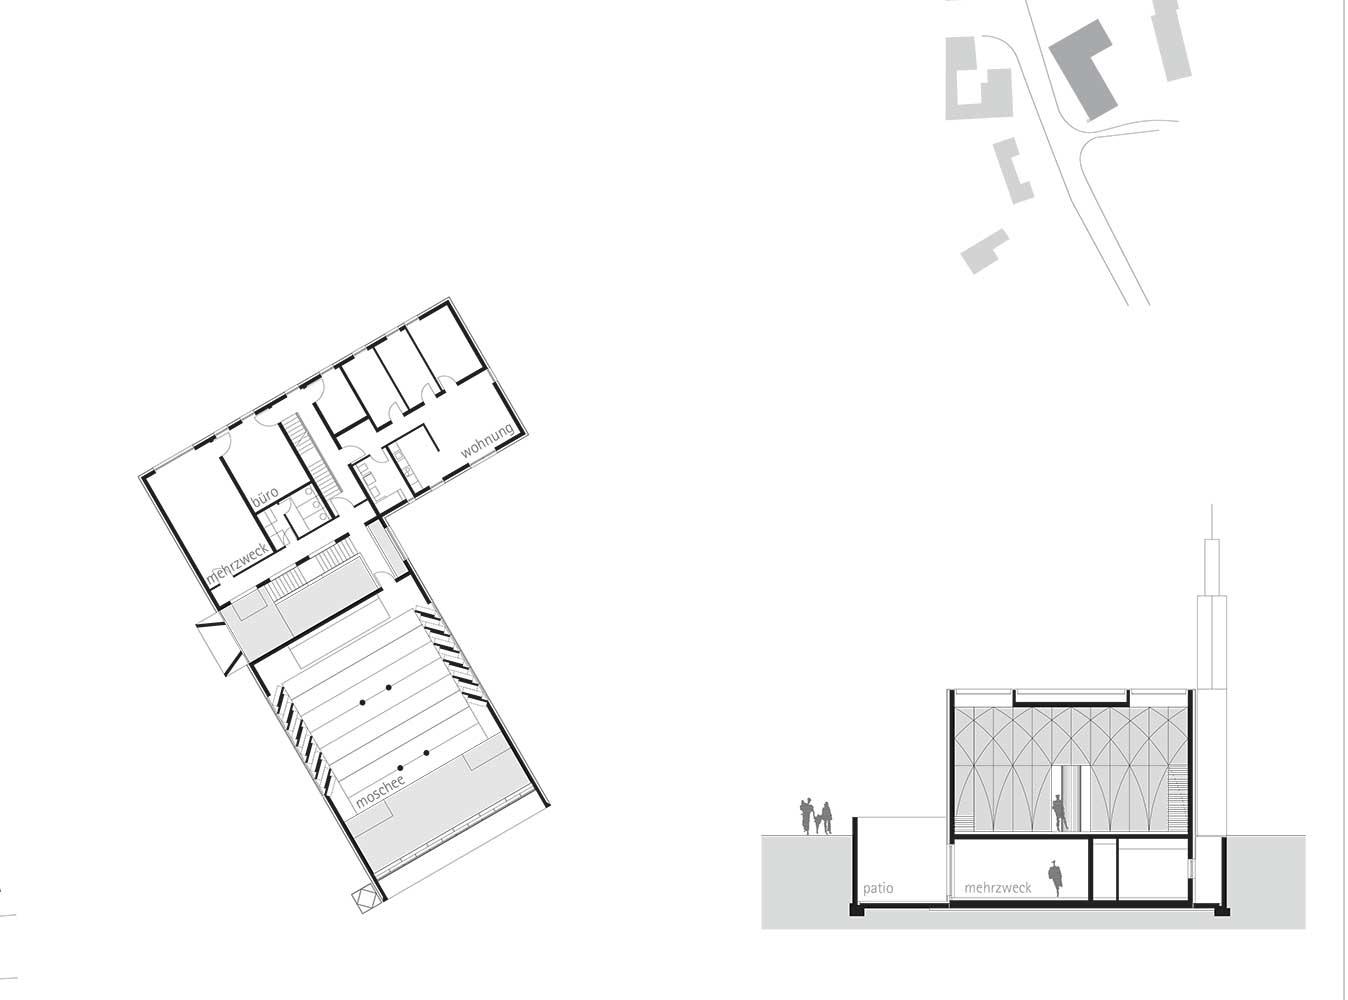 IGP Architektur Pläne